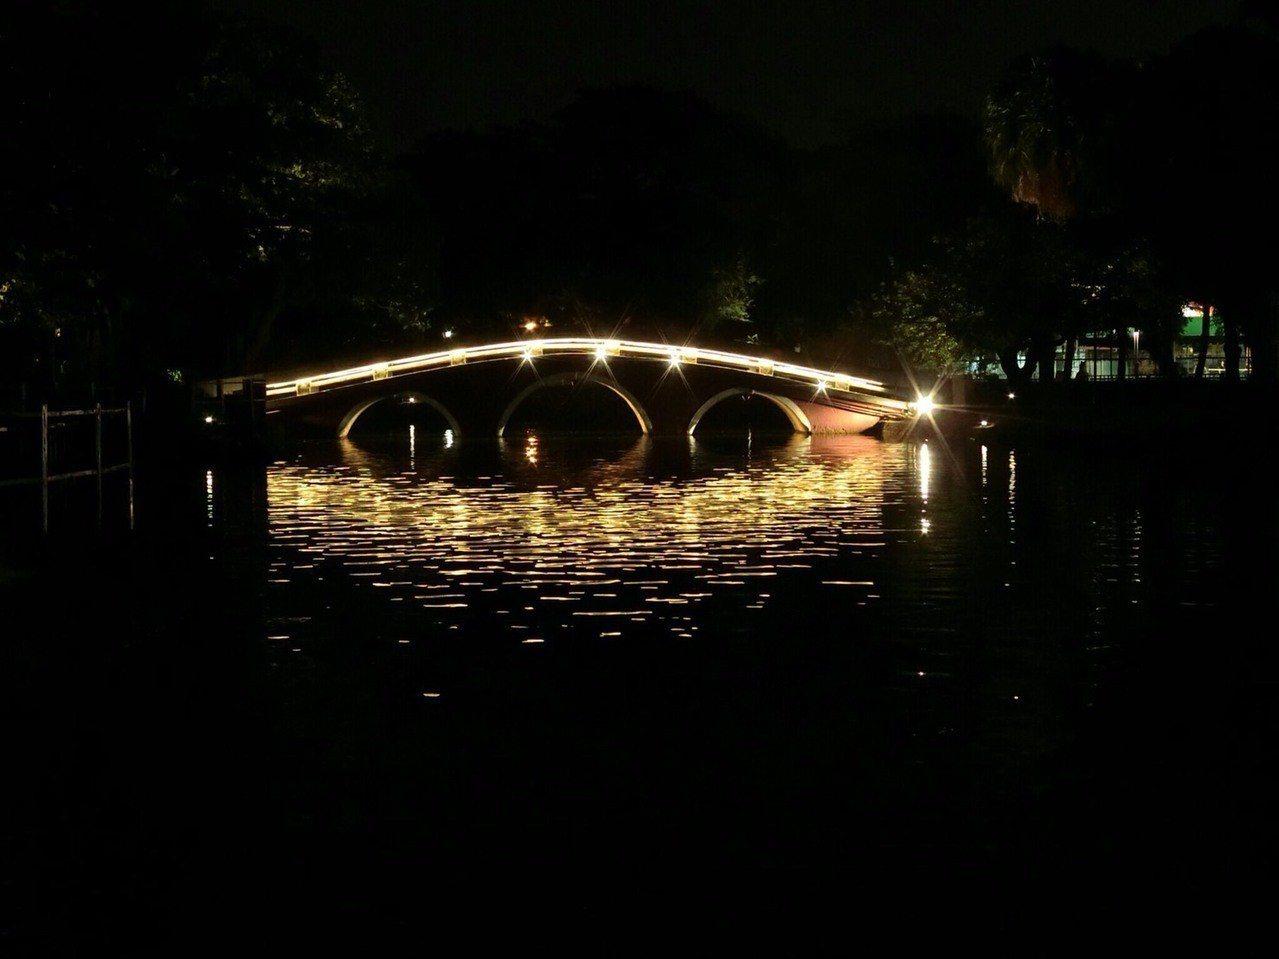 台中公園中式磚造拱型「中正橋」將原本圓形燈具拆除,拱橋的兩岸安裝投射燈,凸顯橋身...